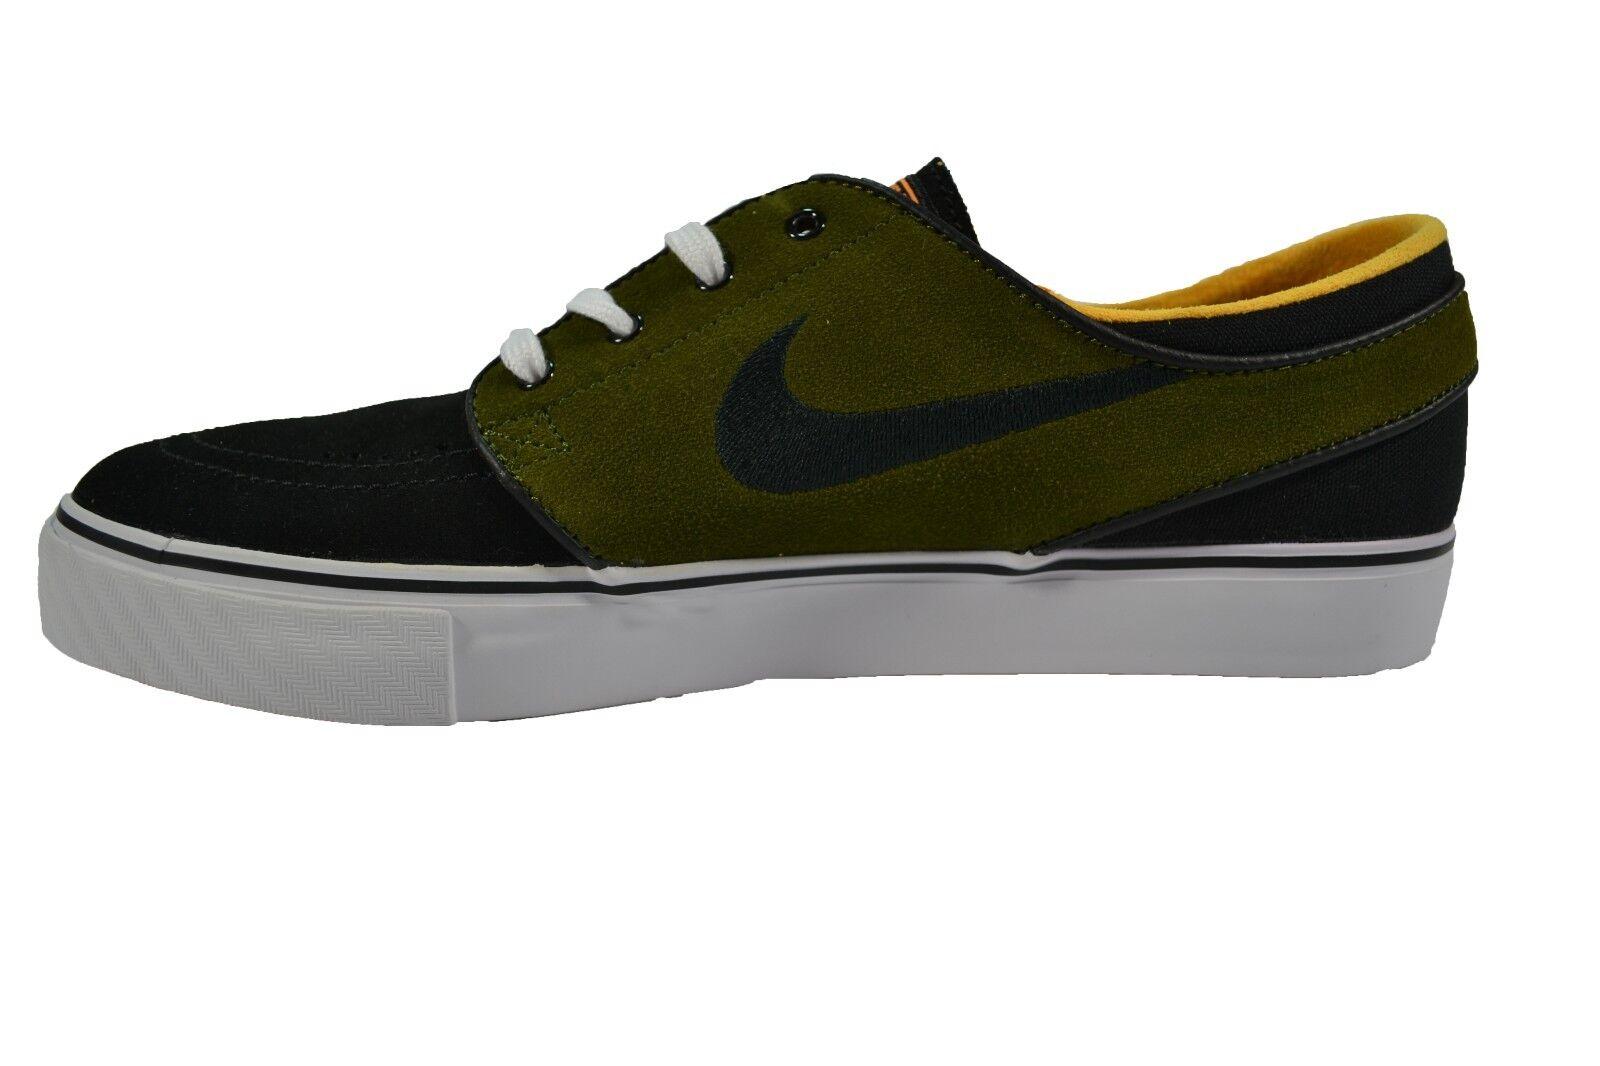 Nike ZOOM STEFAN JANOSKI Black Legion Green Laser Orange (335) Men's Shoes